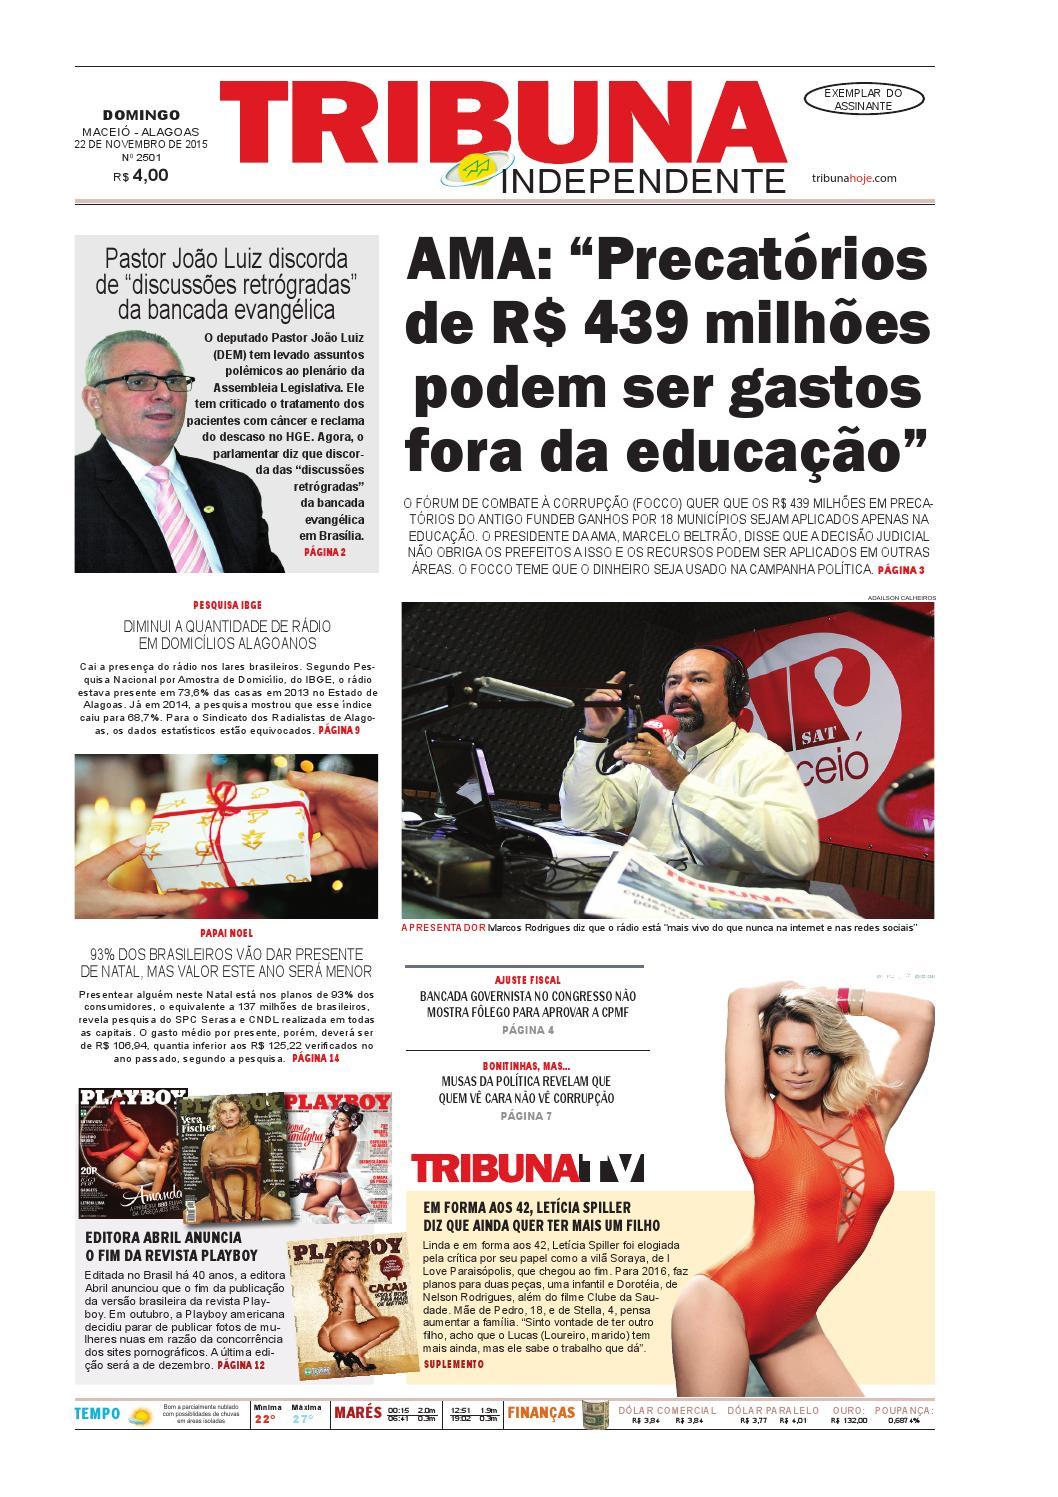 9635cae4d30 Edição número 2501 - 22 de novembro de 2015 by Tribuna Hoje - issuu